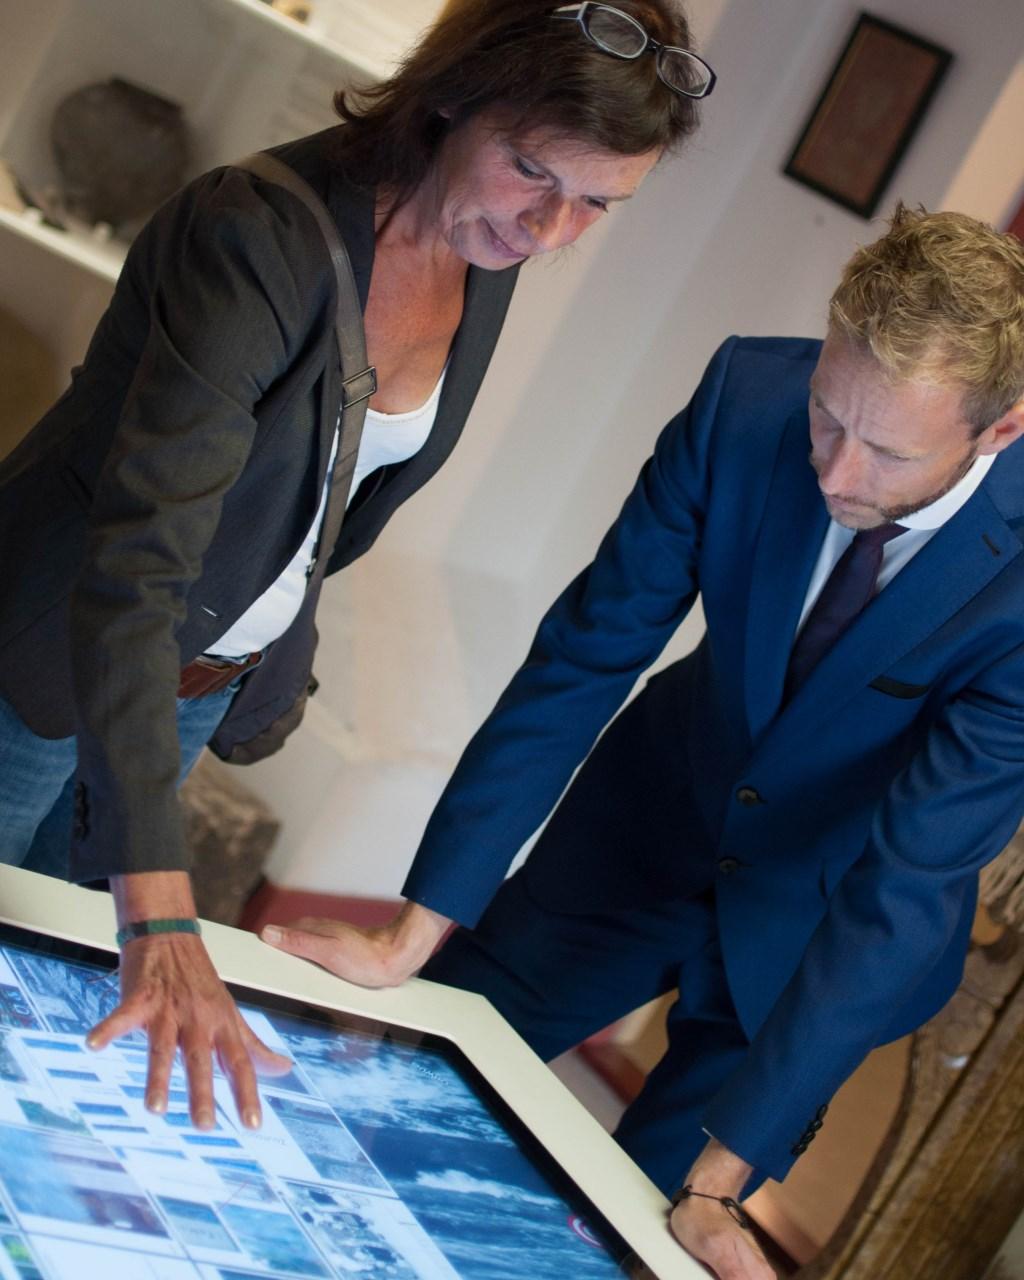 Het Streekmuseum is de laatste jaren volop vernieuwd, onder andere met touchscreentafels.  ©